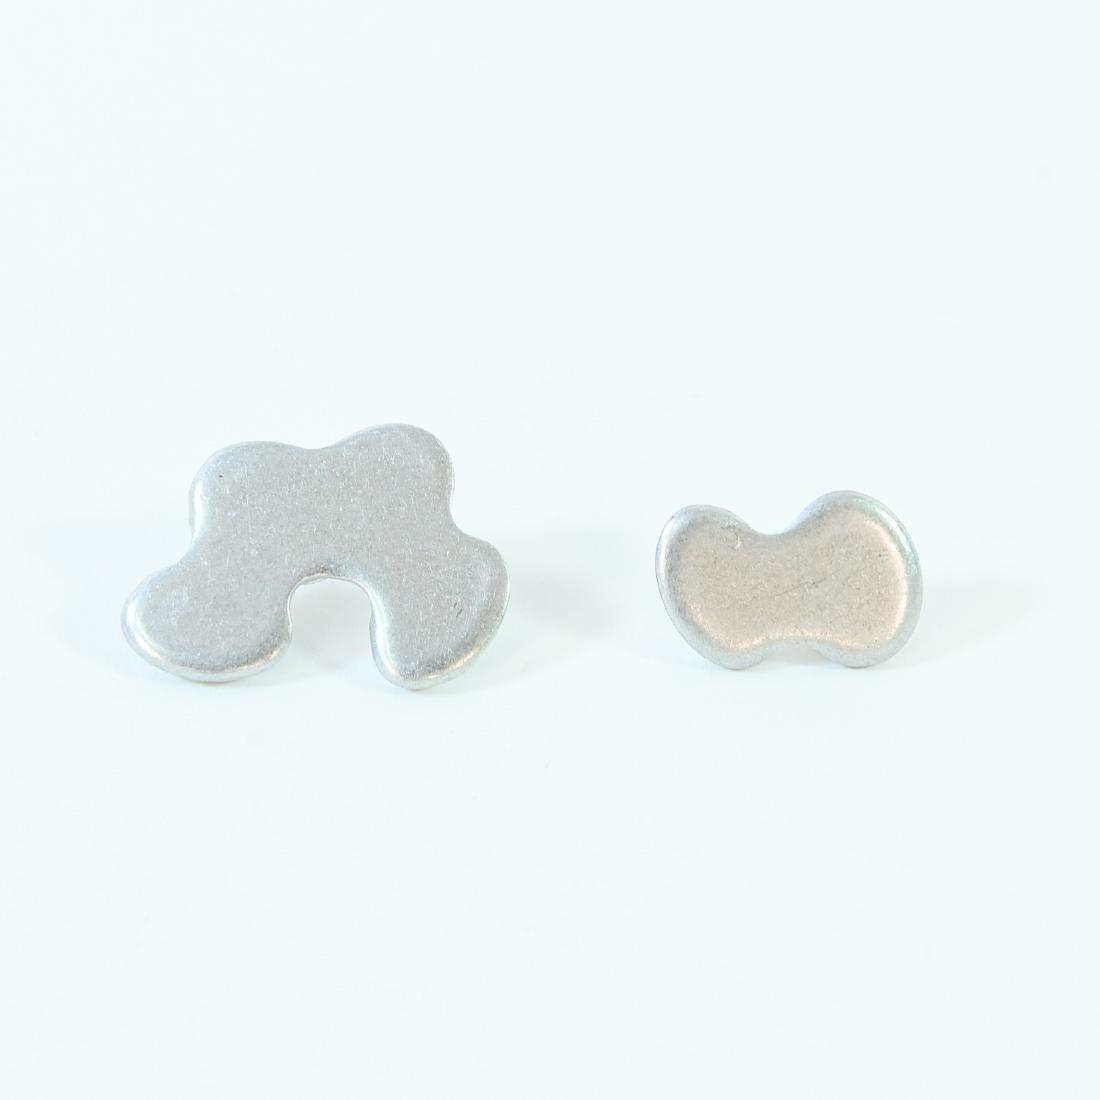 (2) RICHARD SCHULTZ PINS